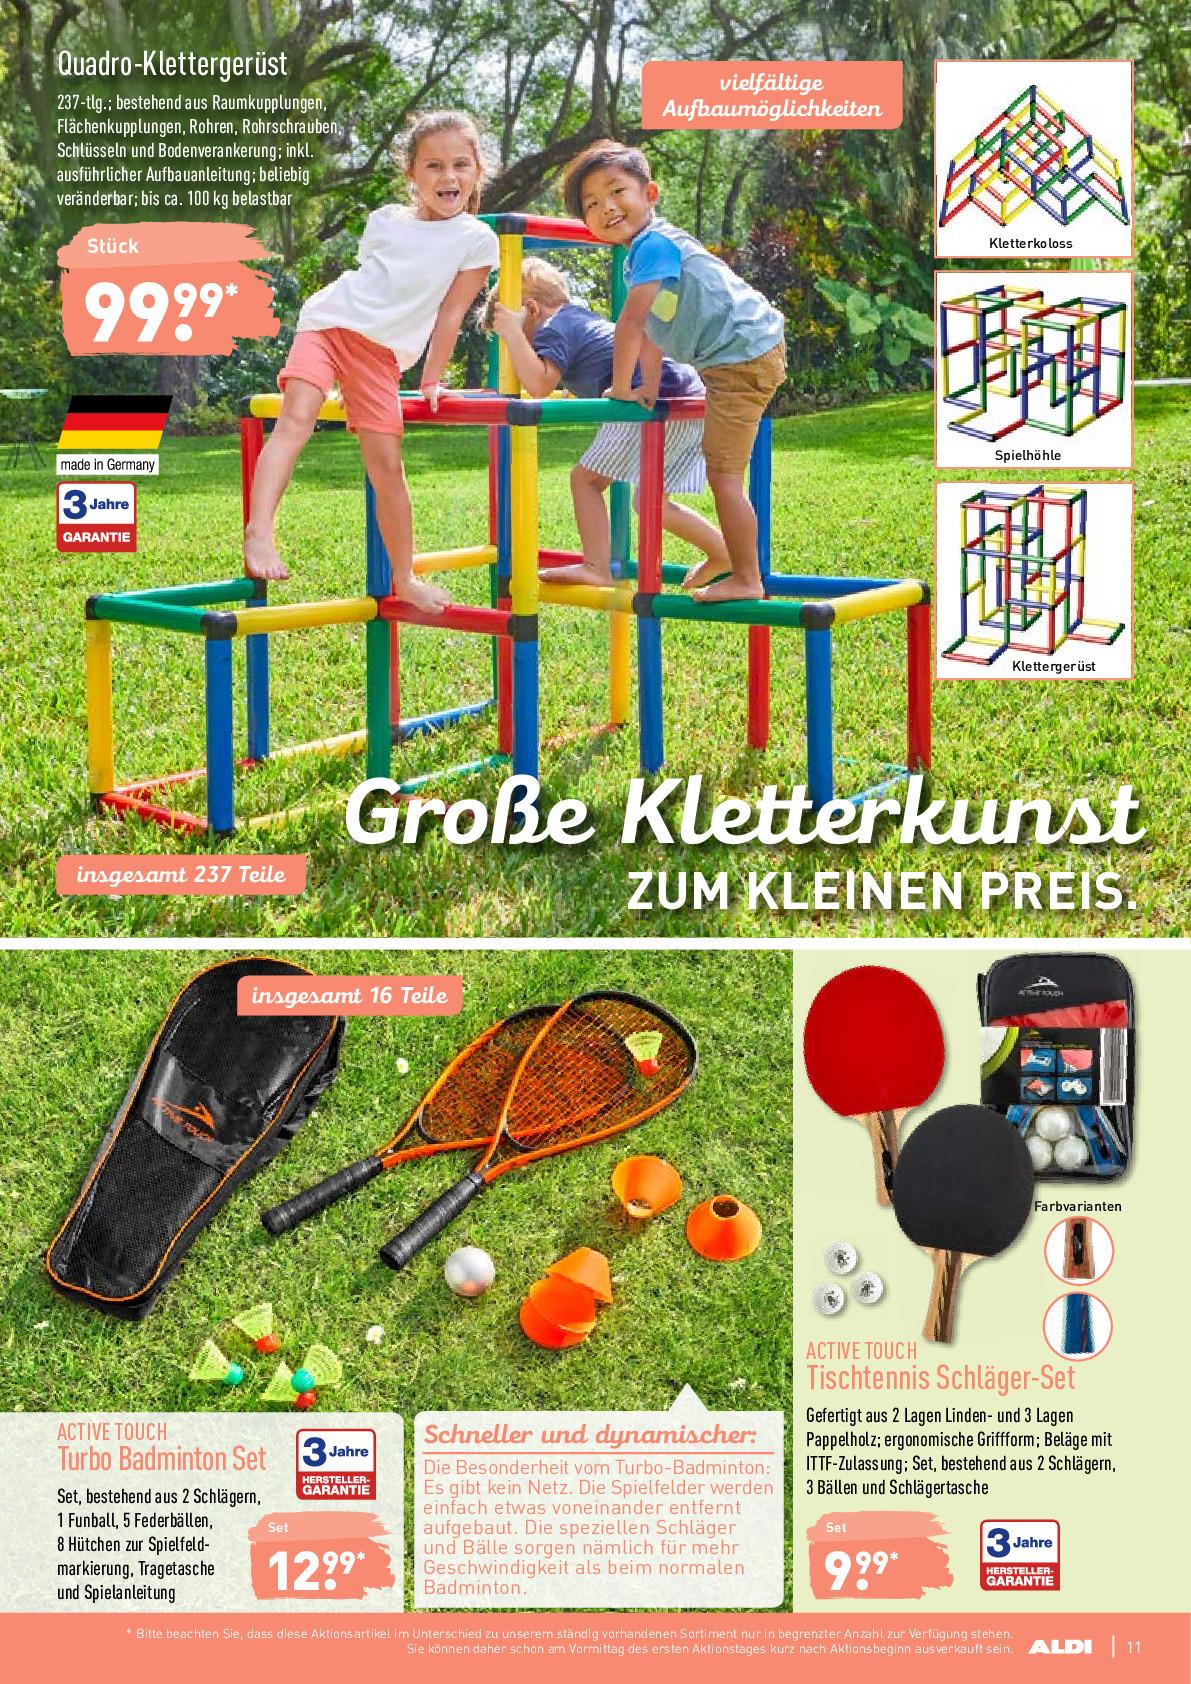 Full Size of Quadro Klettergerüst Nord Prospekt Angebote Ab 17062019 Bis 22062019 Seite Garten Wohnzimmer Quadro Klettergerüst